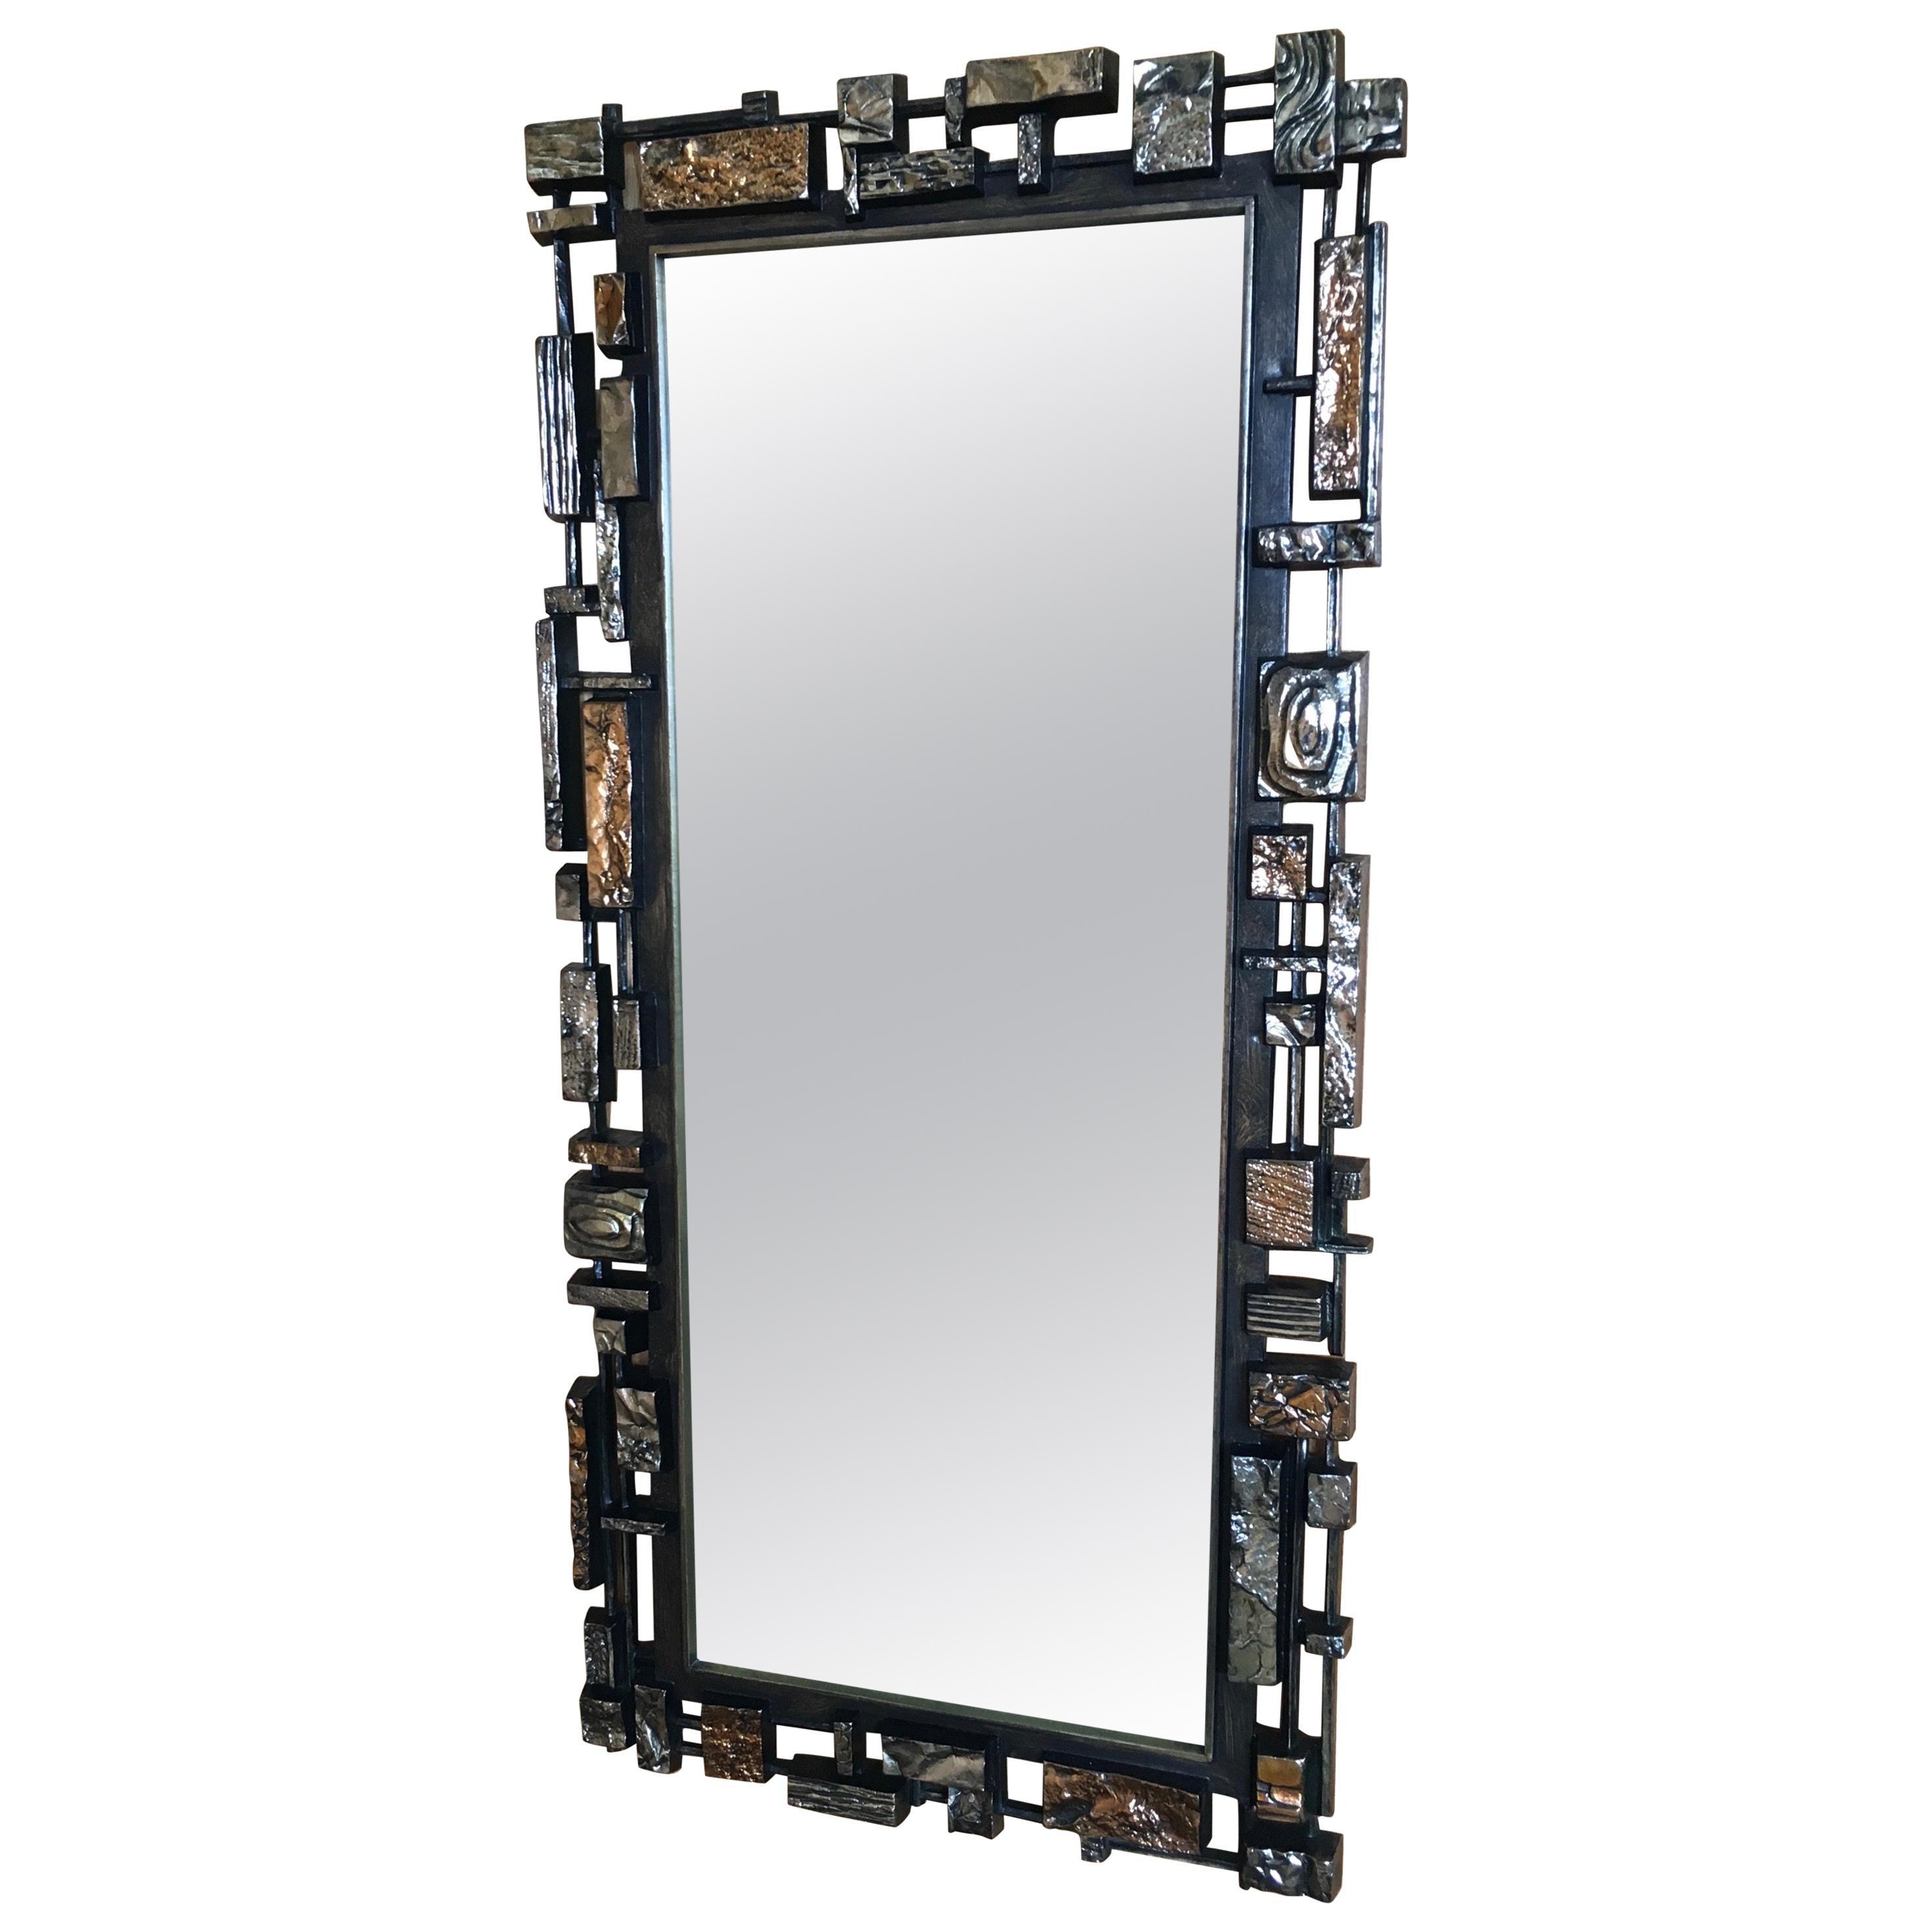 Brutalist Mirror by Syroco